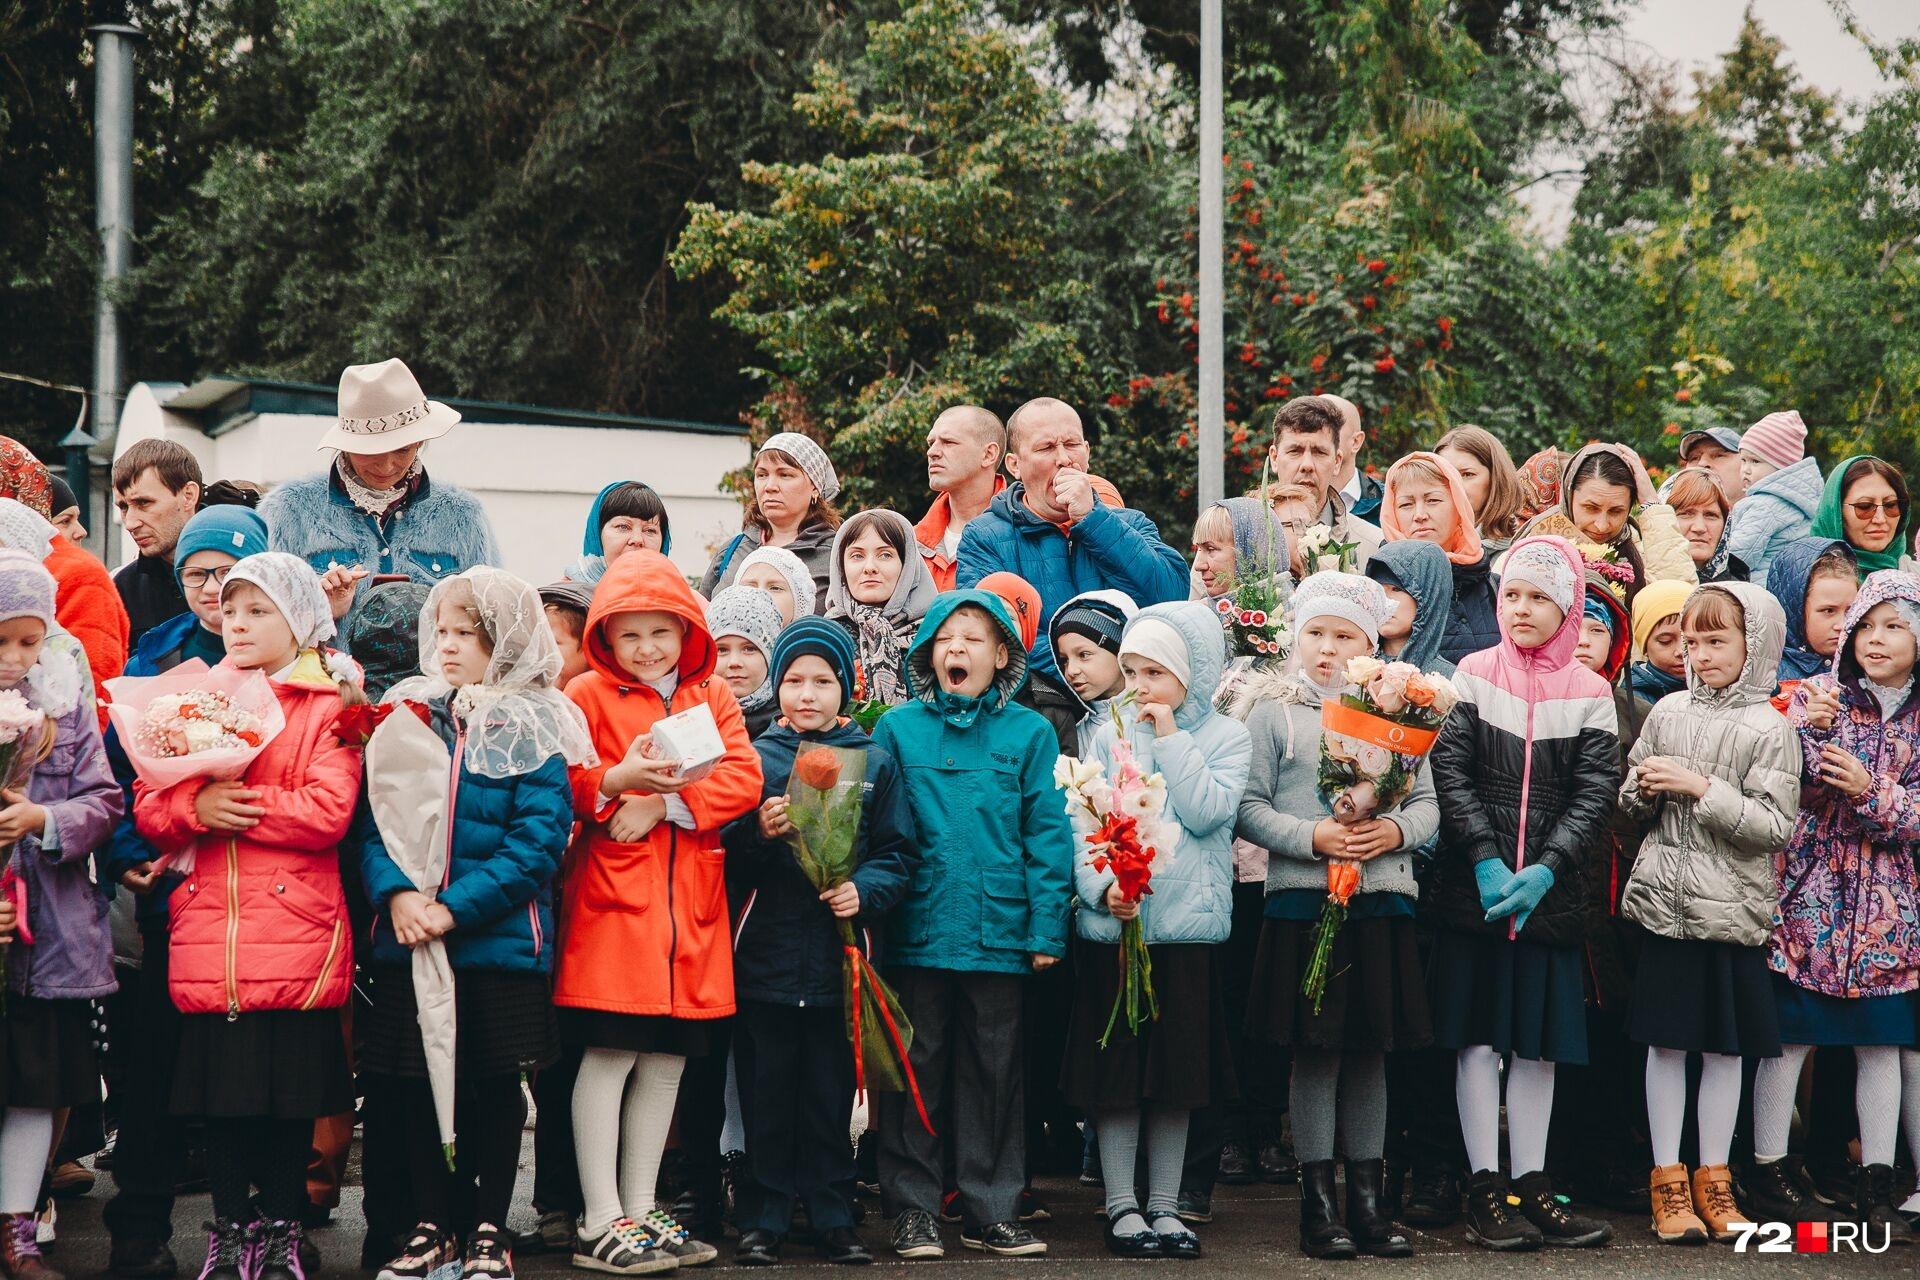 Ученики православной гимназии — это те же дети, которые, кажется, тоже мечтают о продолжении беззаботного лета